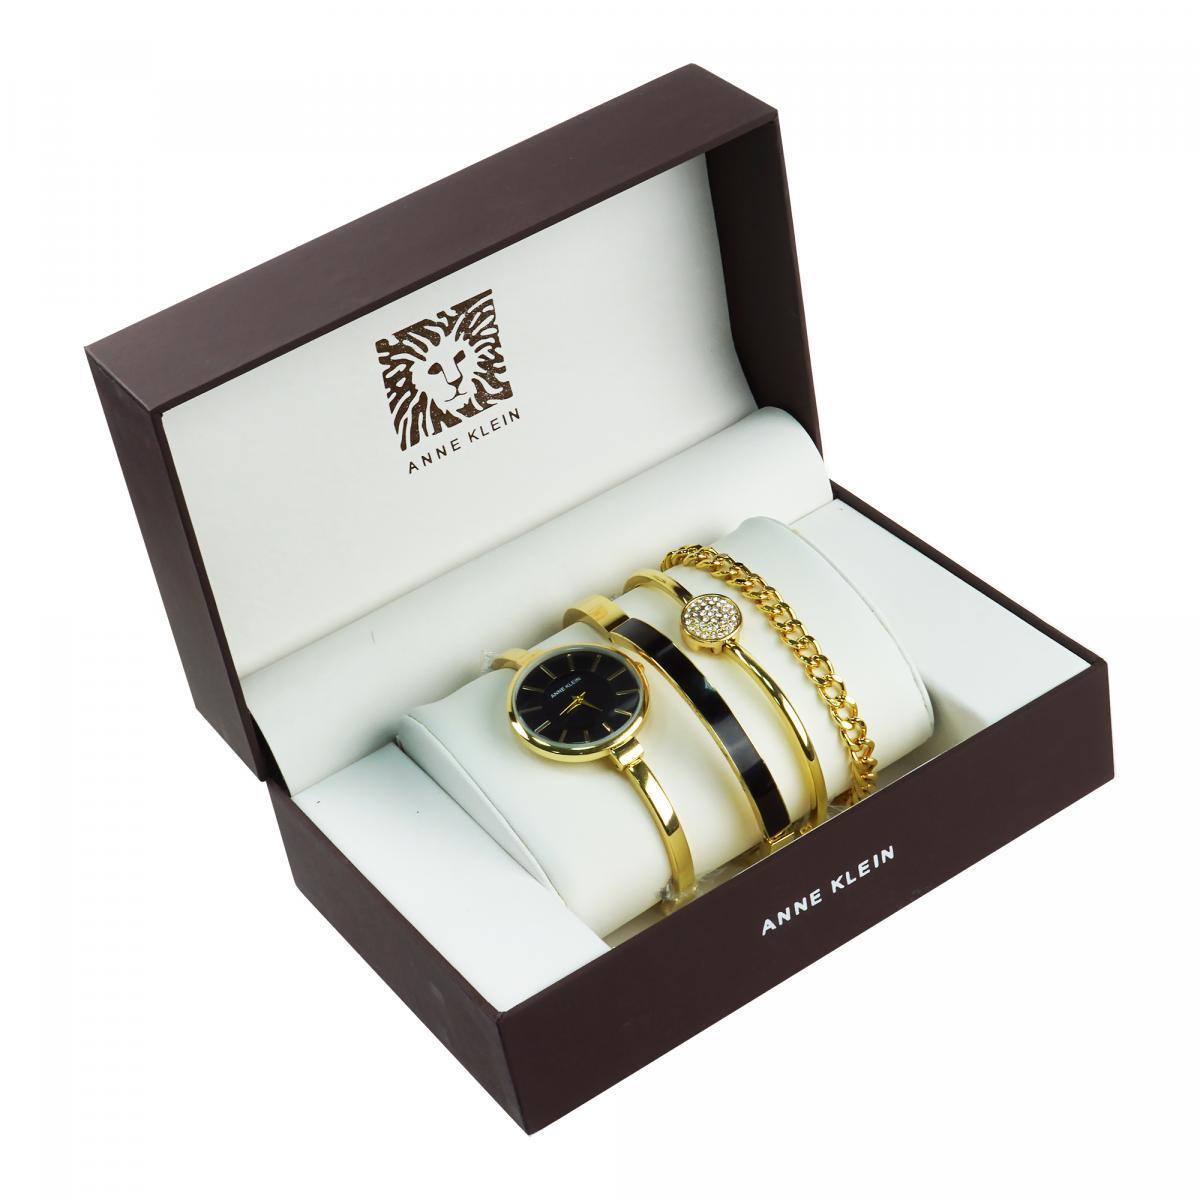 Уценка (товар с небольшим дефектом) Часы в подарочной упаковке Anne Klein, цвет золотистый + черный